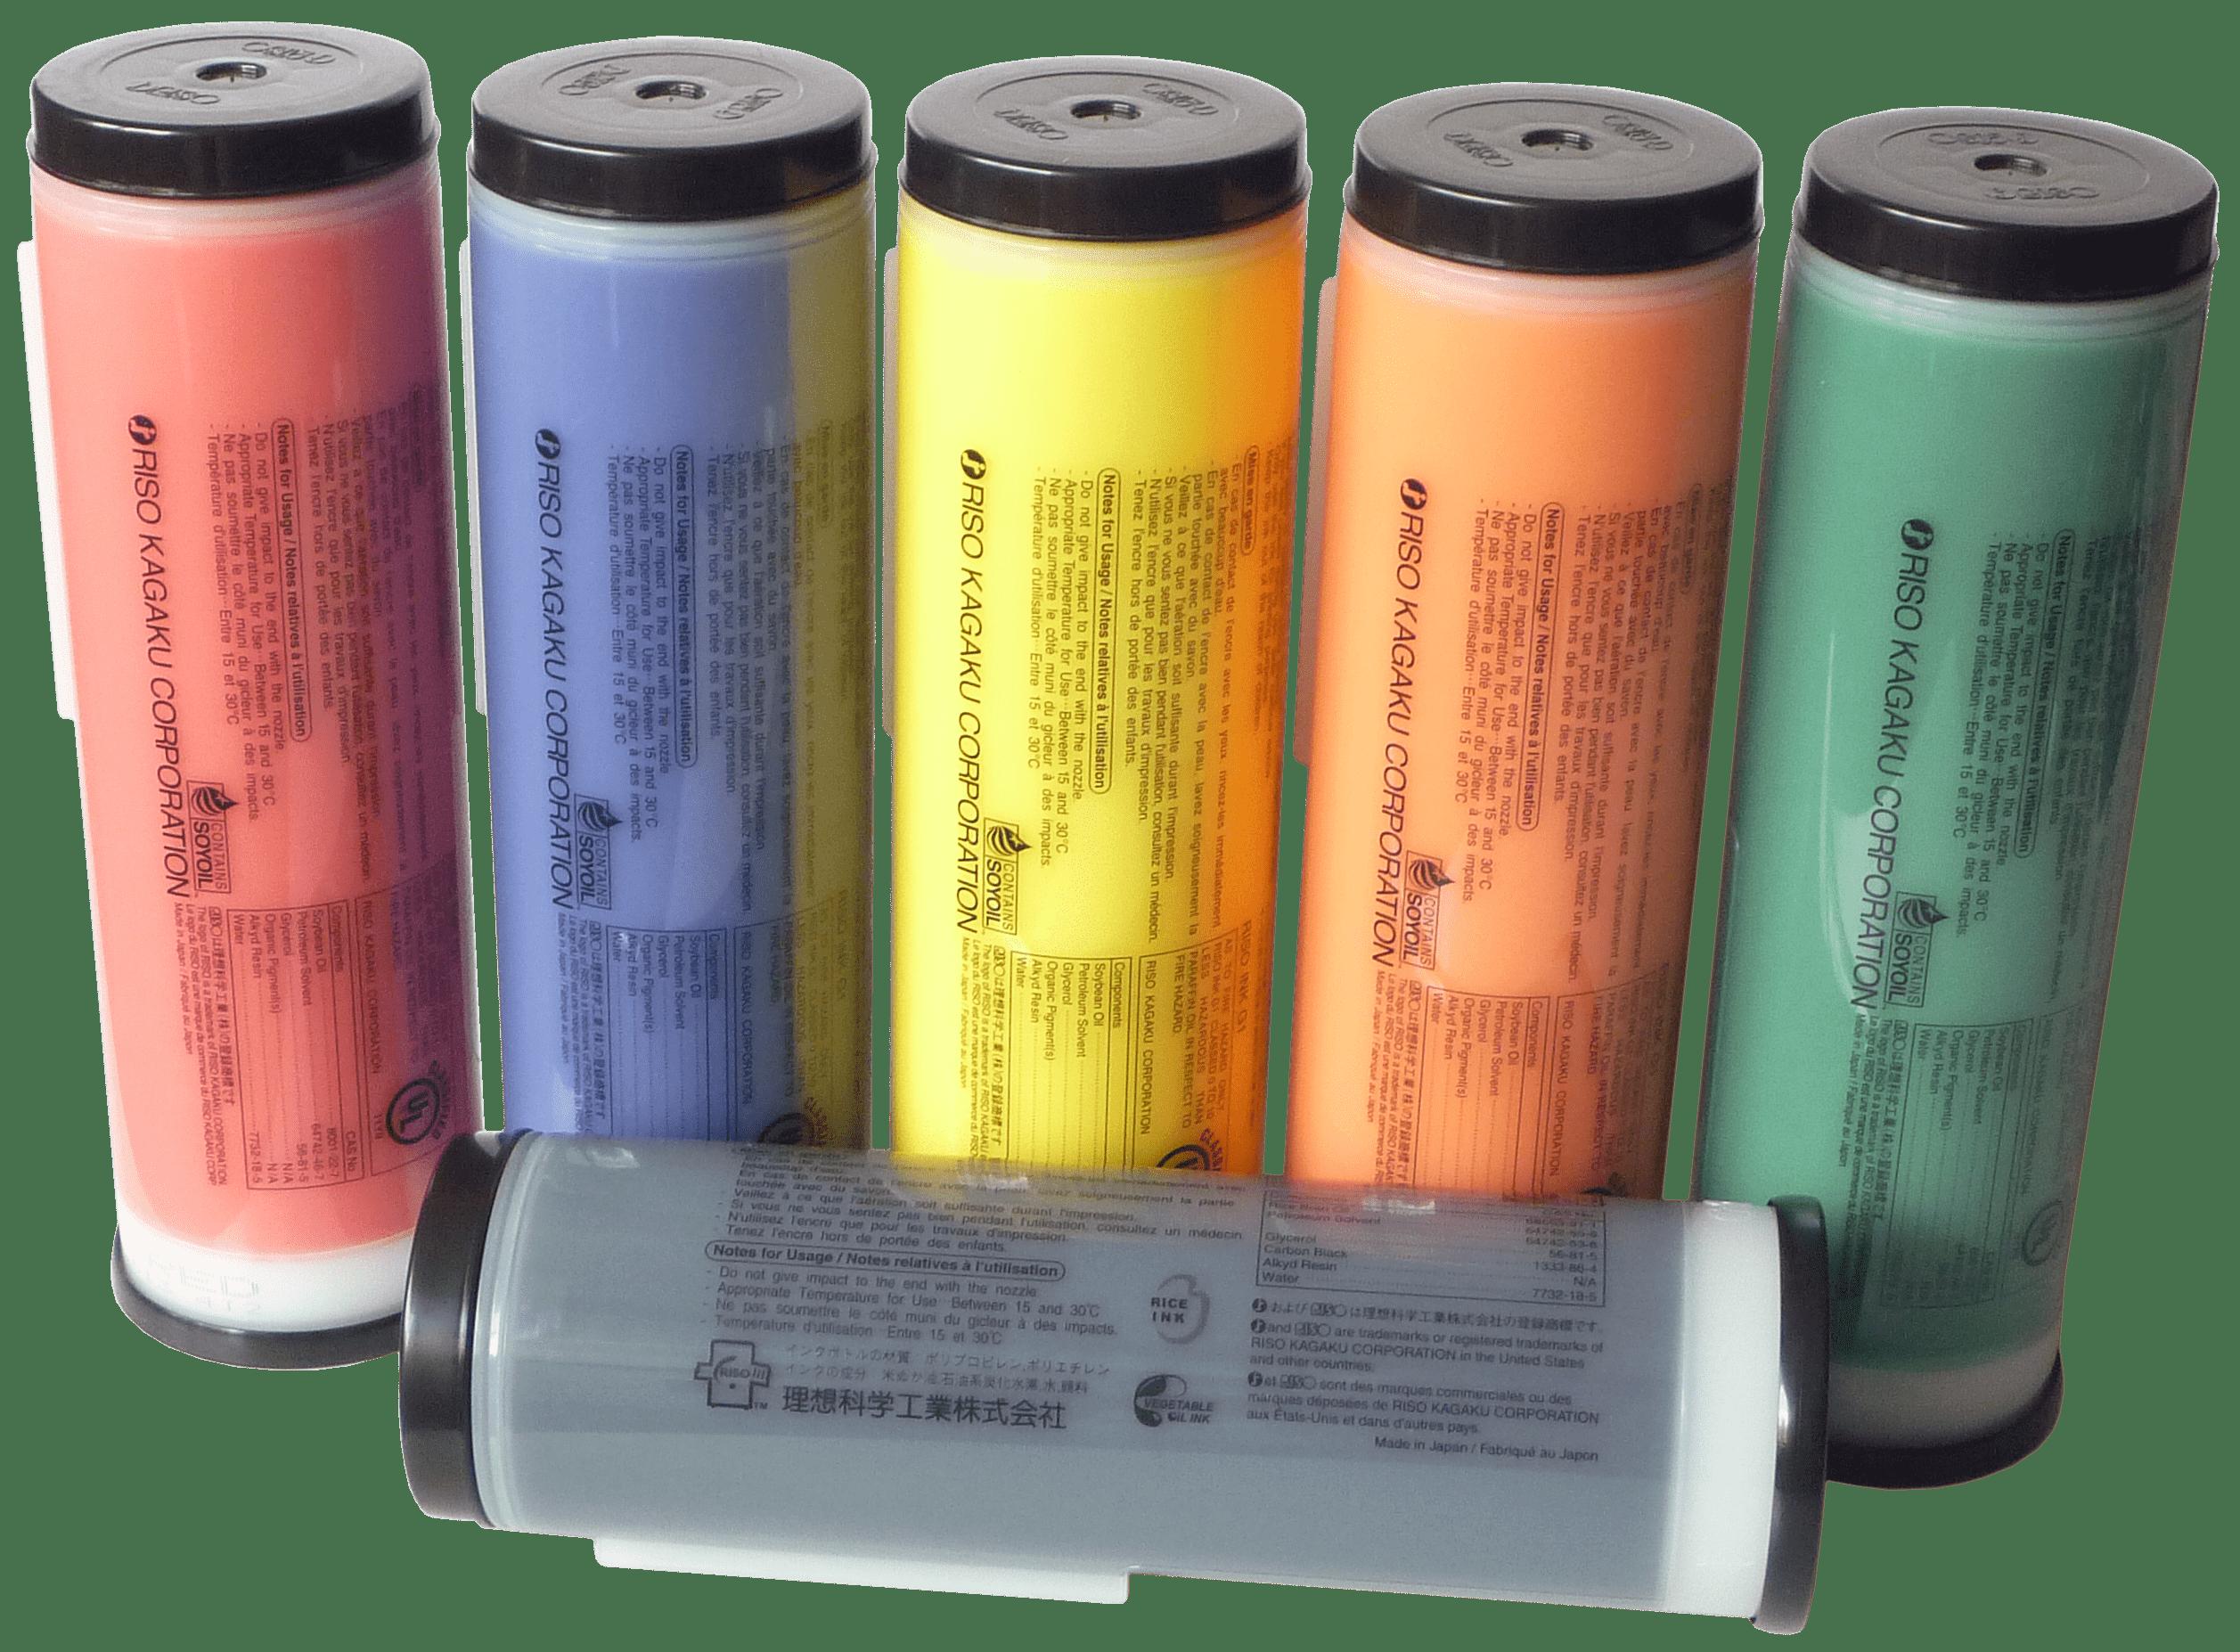 materiały eksploatacyjne do RISO farby